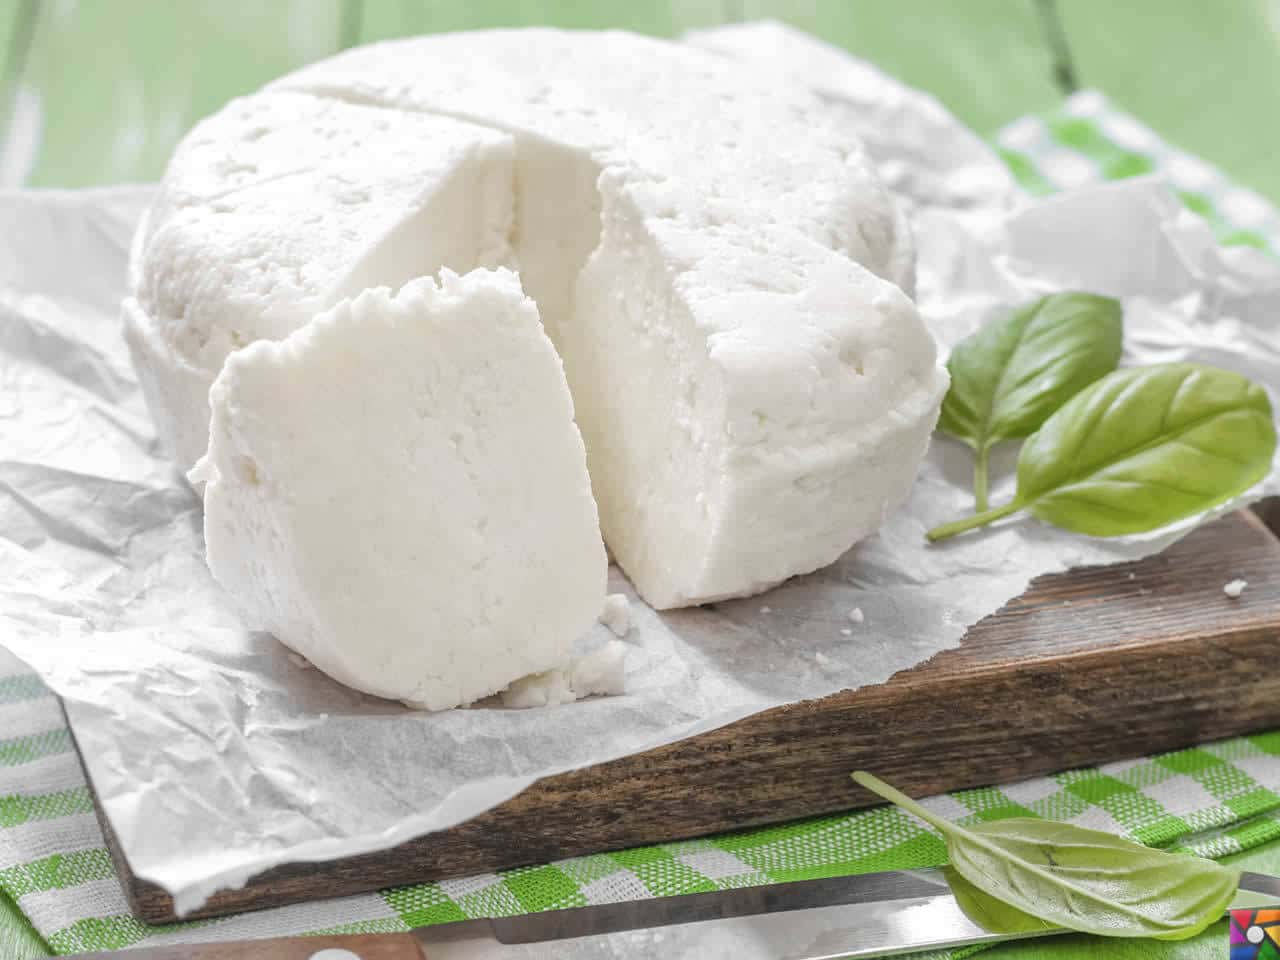 Besin Grupları Nelerdir? Besinlere göre nasıl dengeli beslenmeliyiz? | Süt ürünlerinden doğal peynir yapmayı hiç düşündünüz mü?